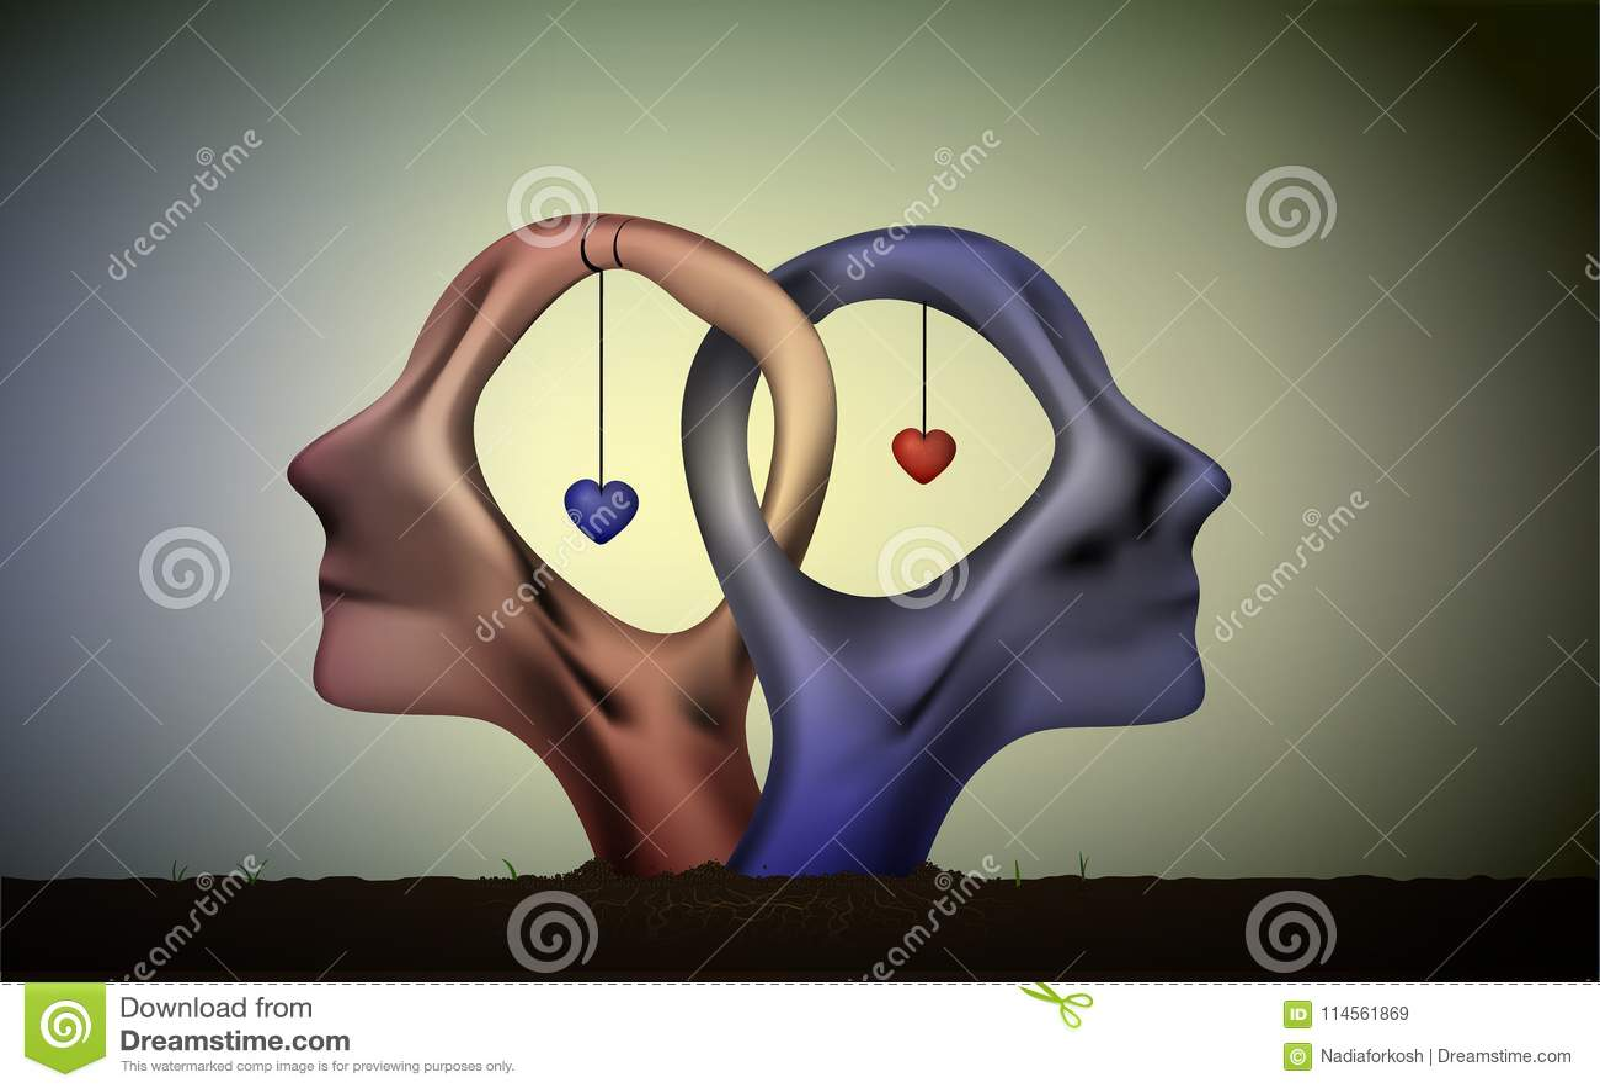 婚姻象,人们在爱、蓝色人和红色妇女头朝向在爱,超现实主义的浪漫梦想,一起永远,